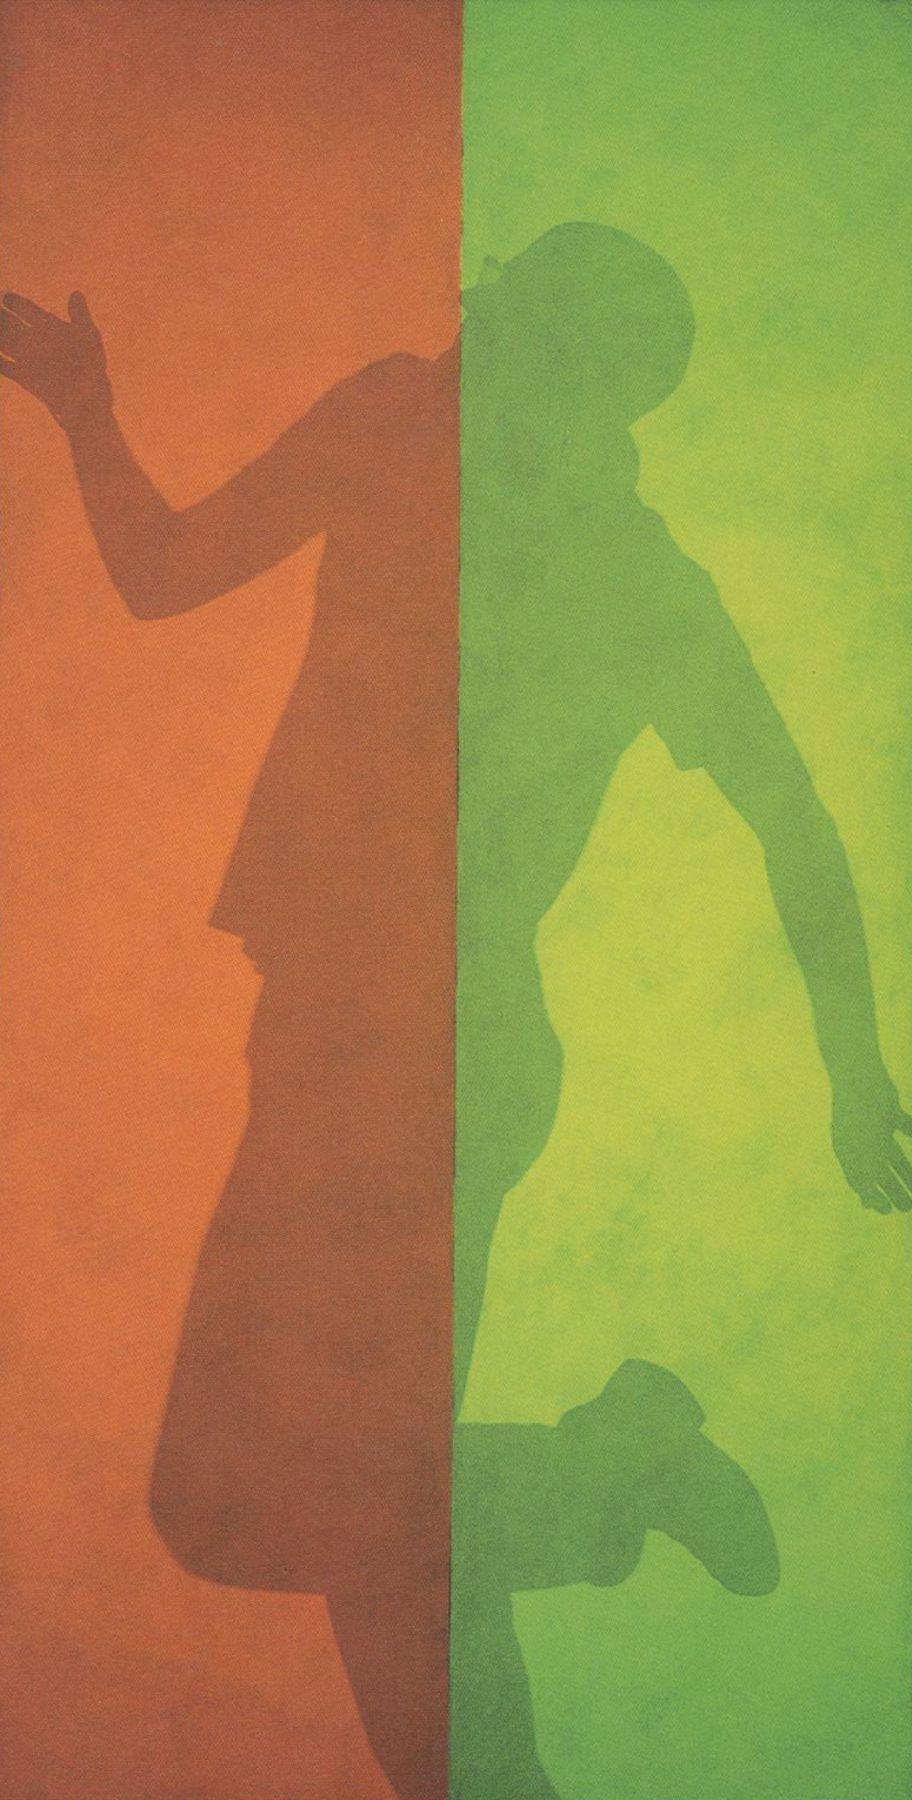 Konrad Lueg Untitled, 1968